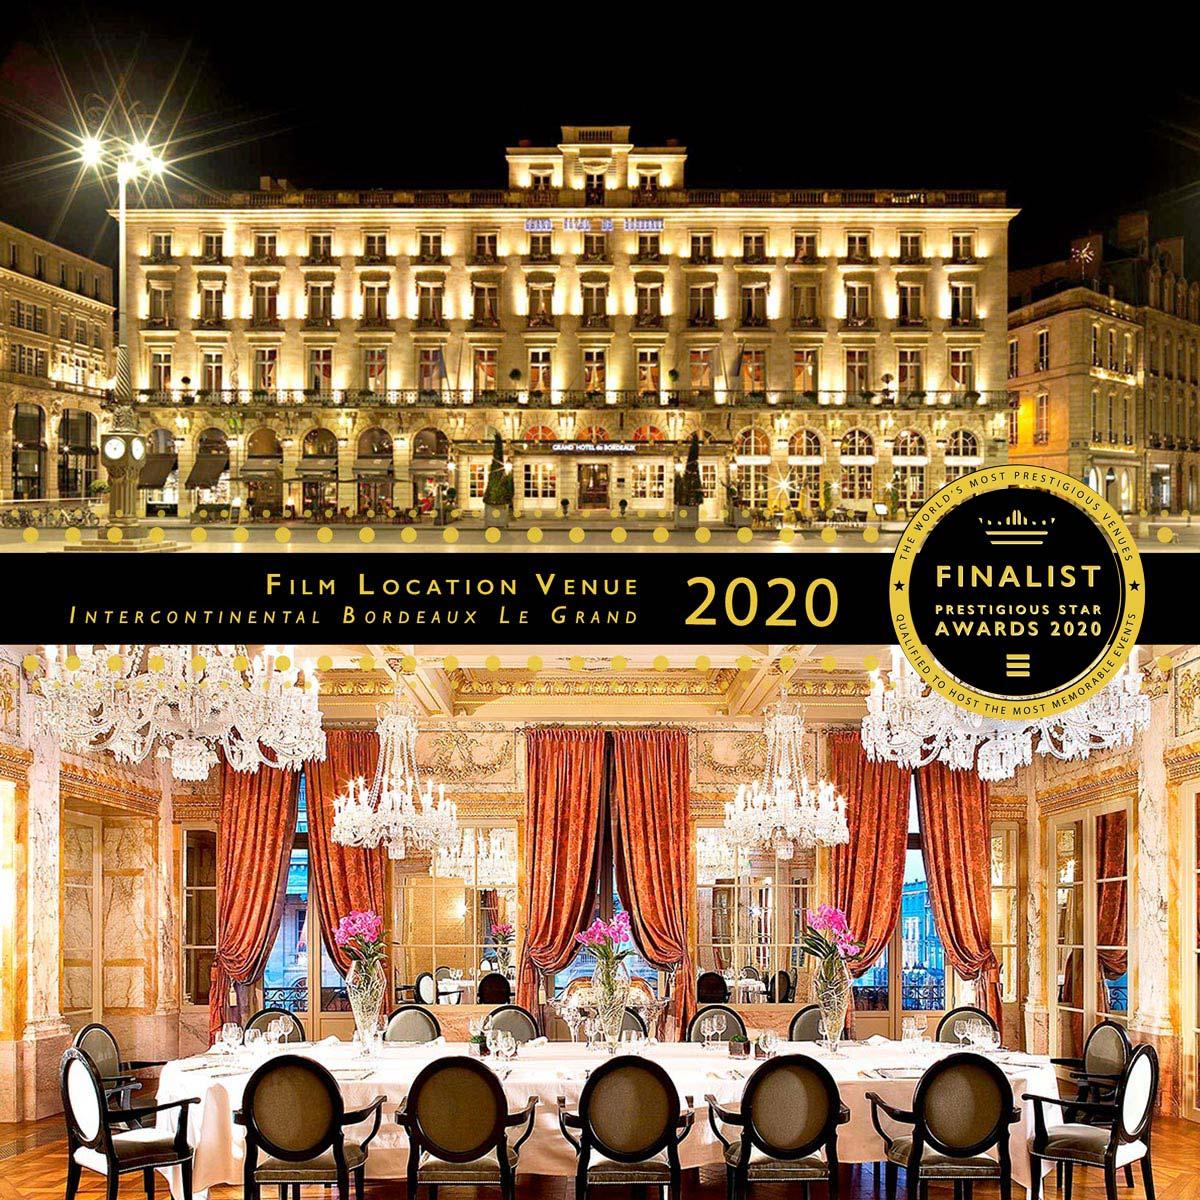 The Sauternes at Intercontinental Bordeaux Le Grand Hôtel